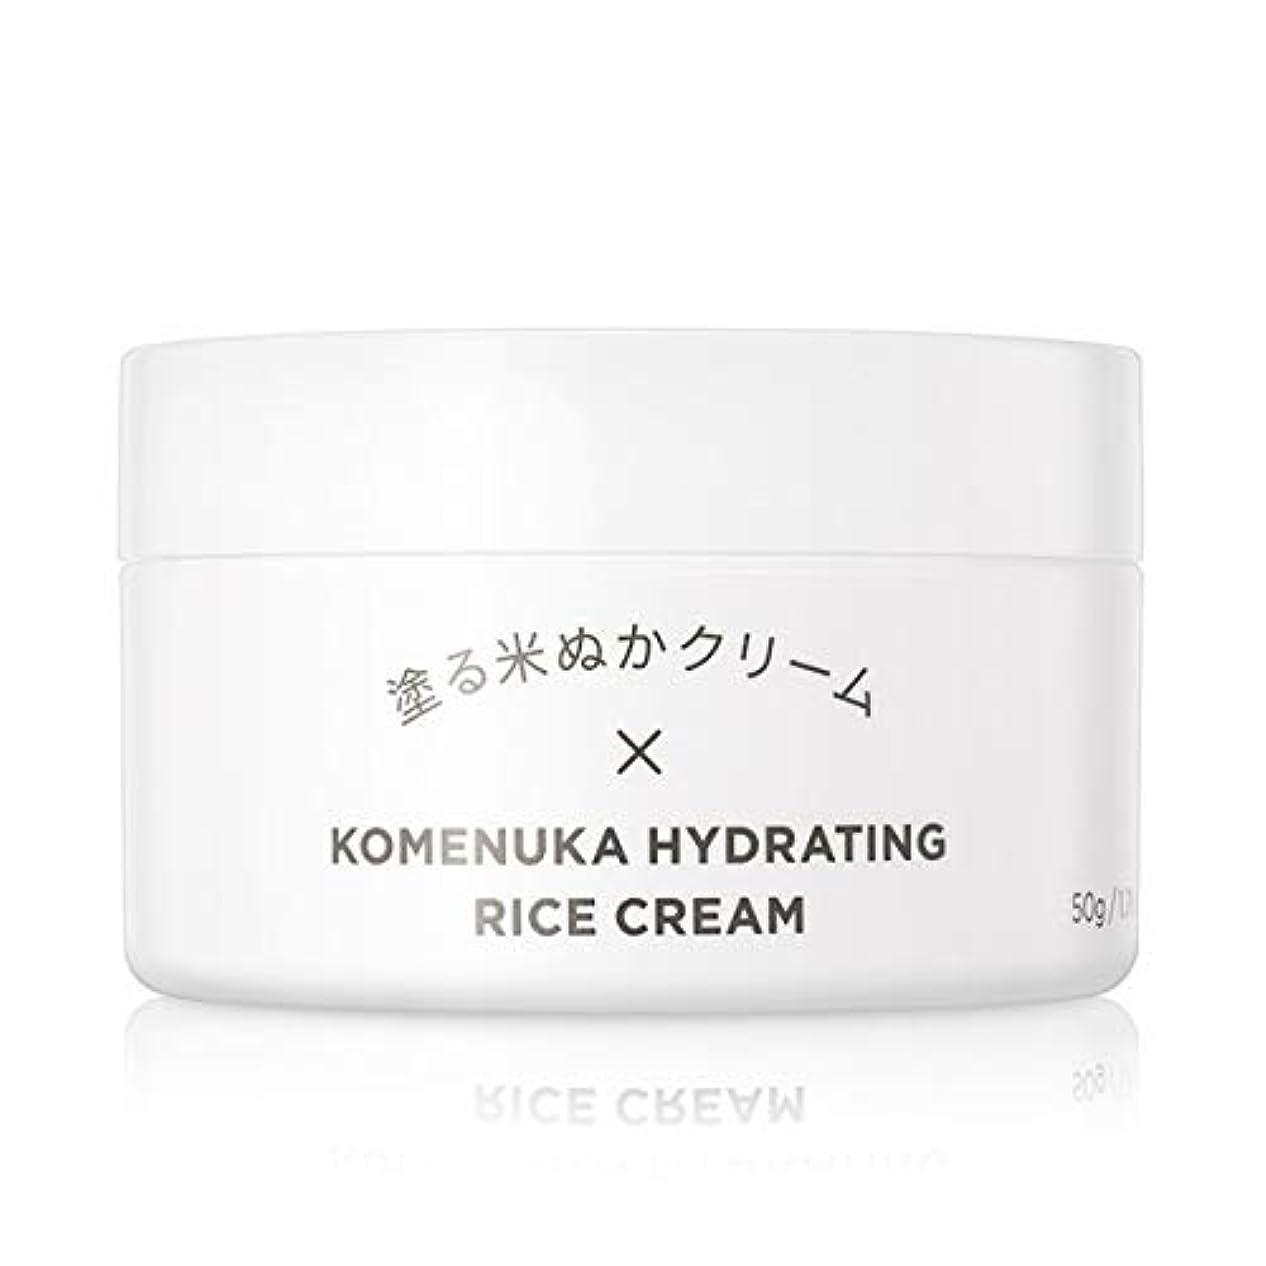 反射ネブたまに米一途 塗る米ぬかクリーム スキンケア 無添加 クリーム 50g